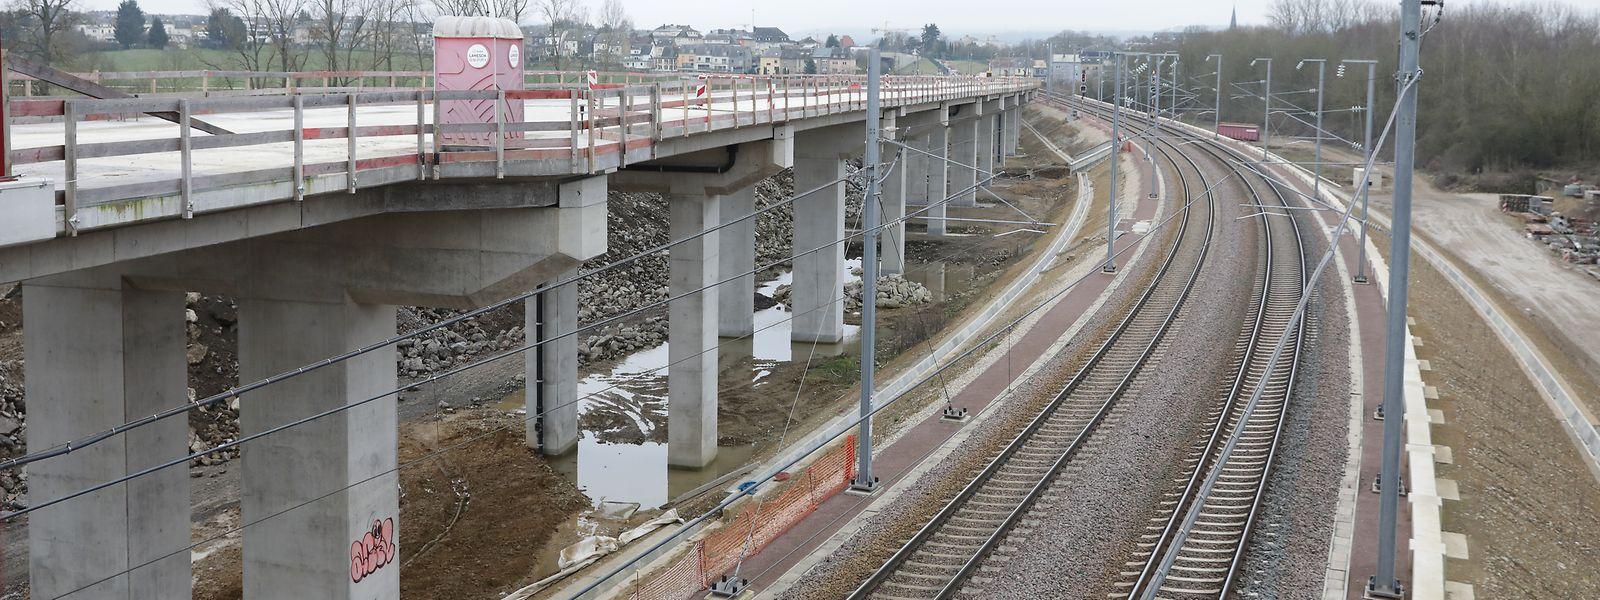 Le nouveau tracé est long de sept kilomètres et ne comporte aucun arrêt